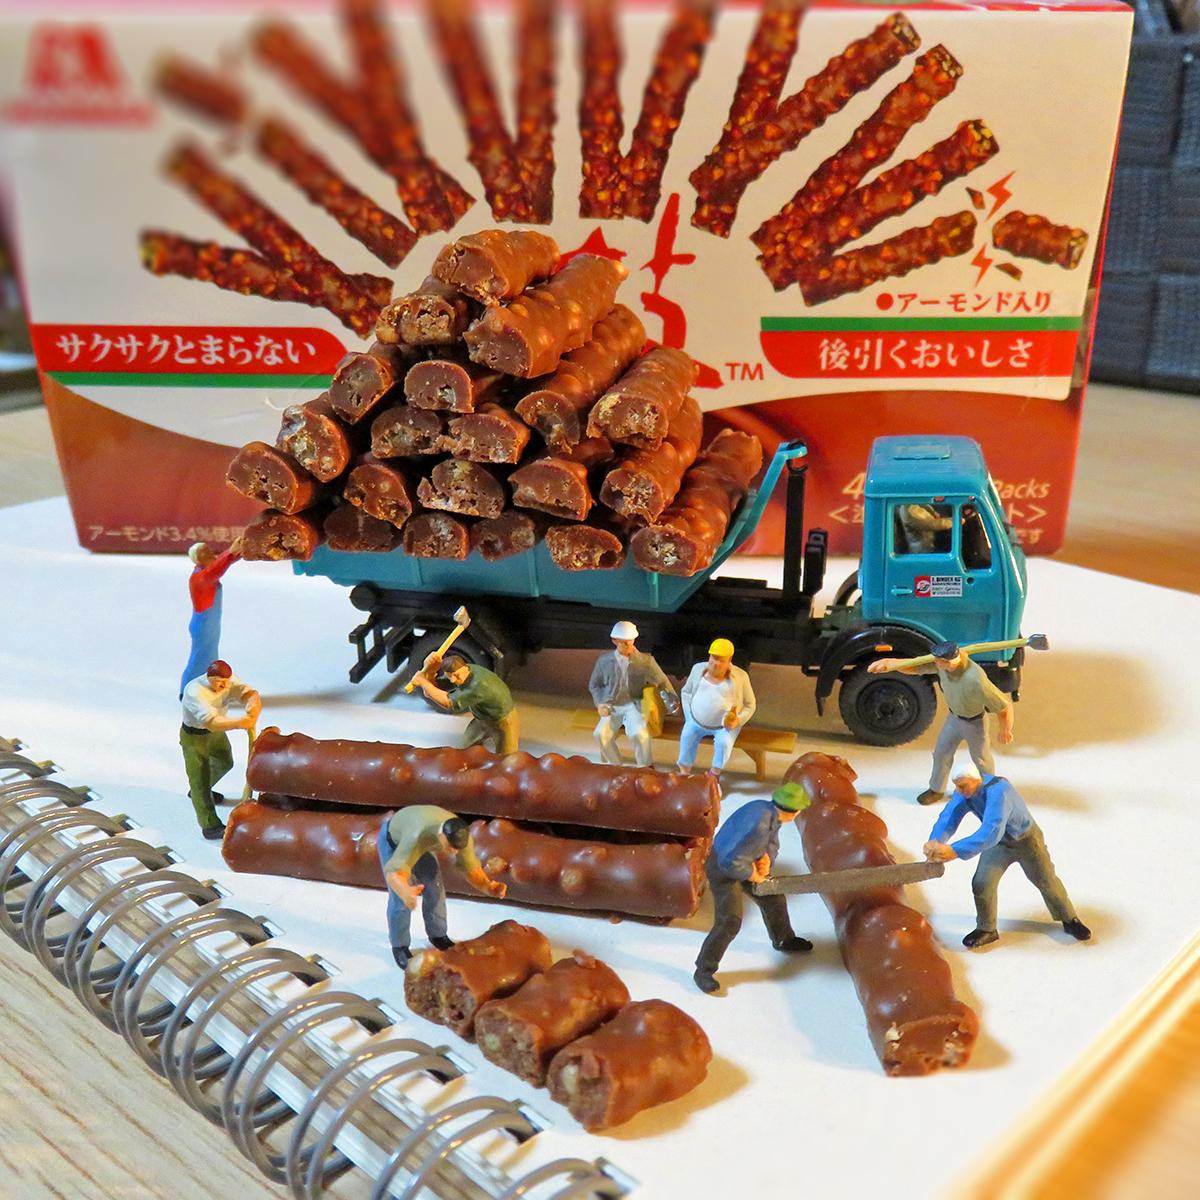 小枝チョコレートを切る森永の林業作業員